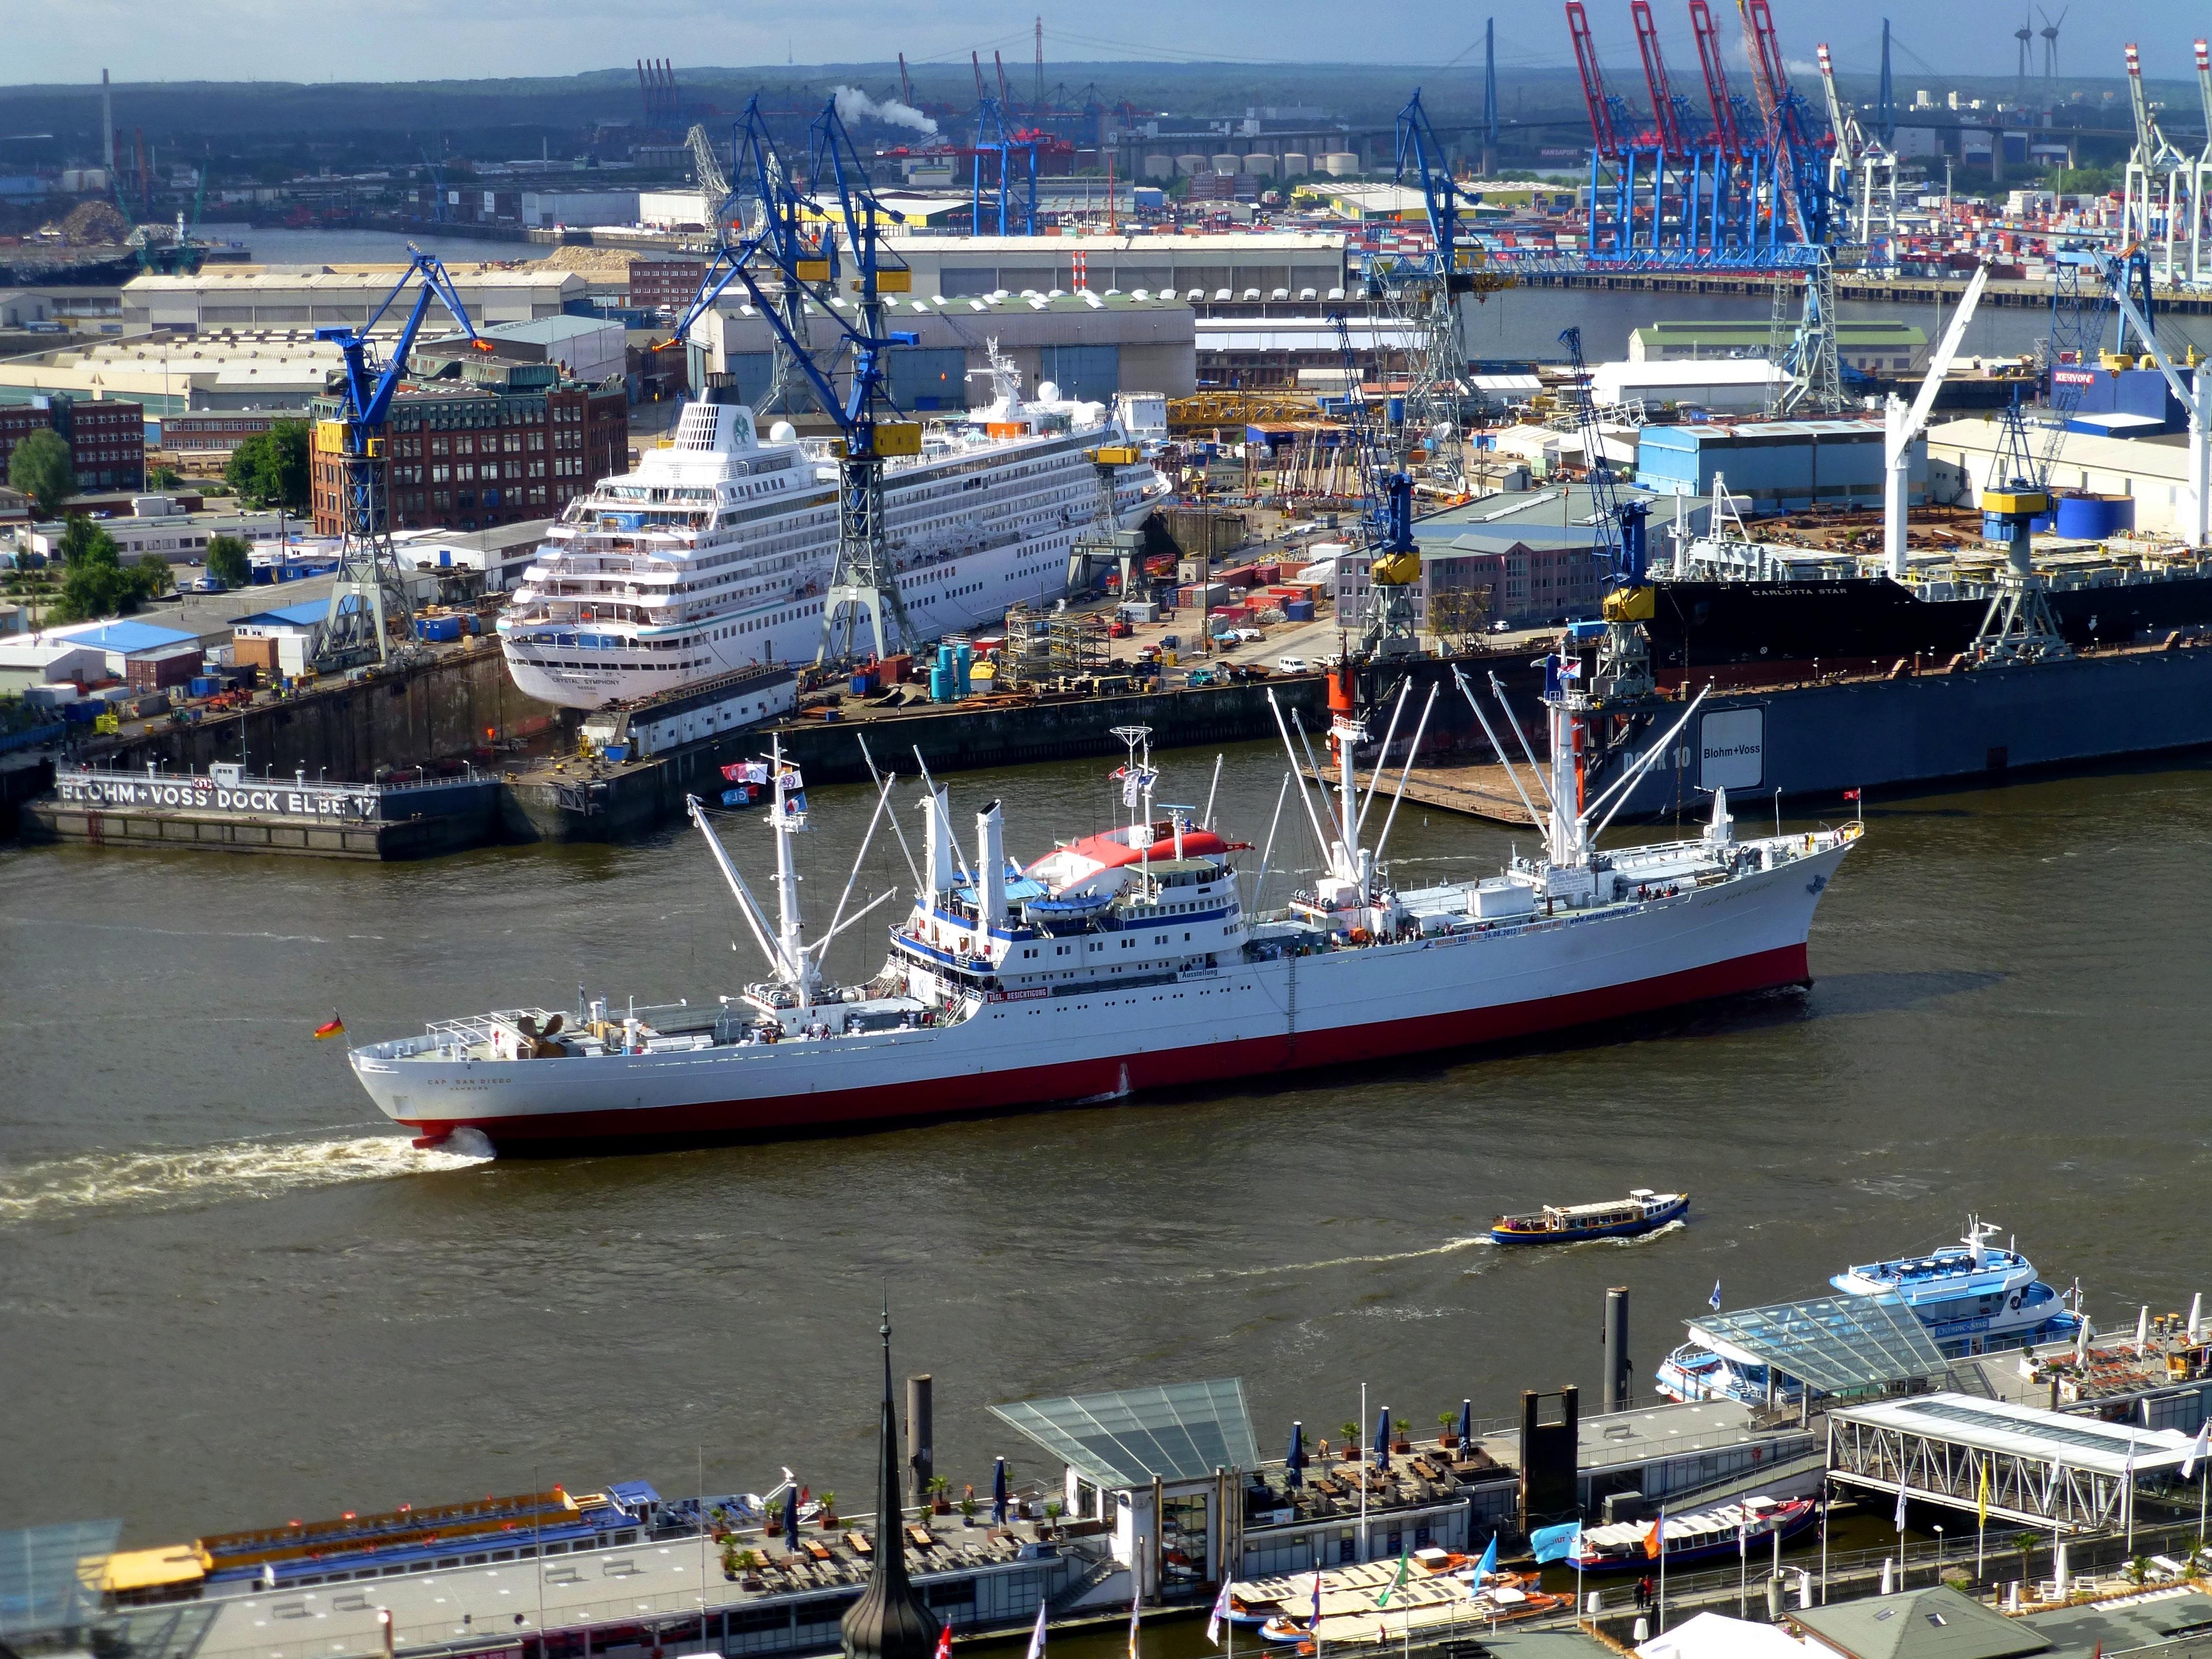 моя зарема, фото морской порт парусники столб